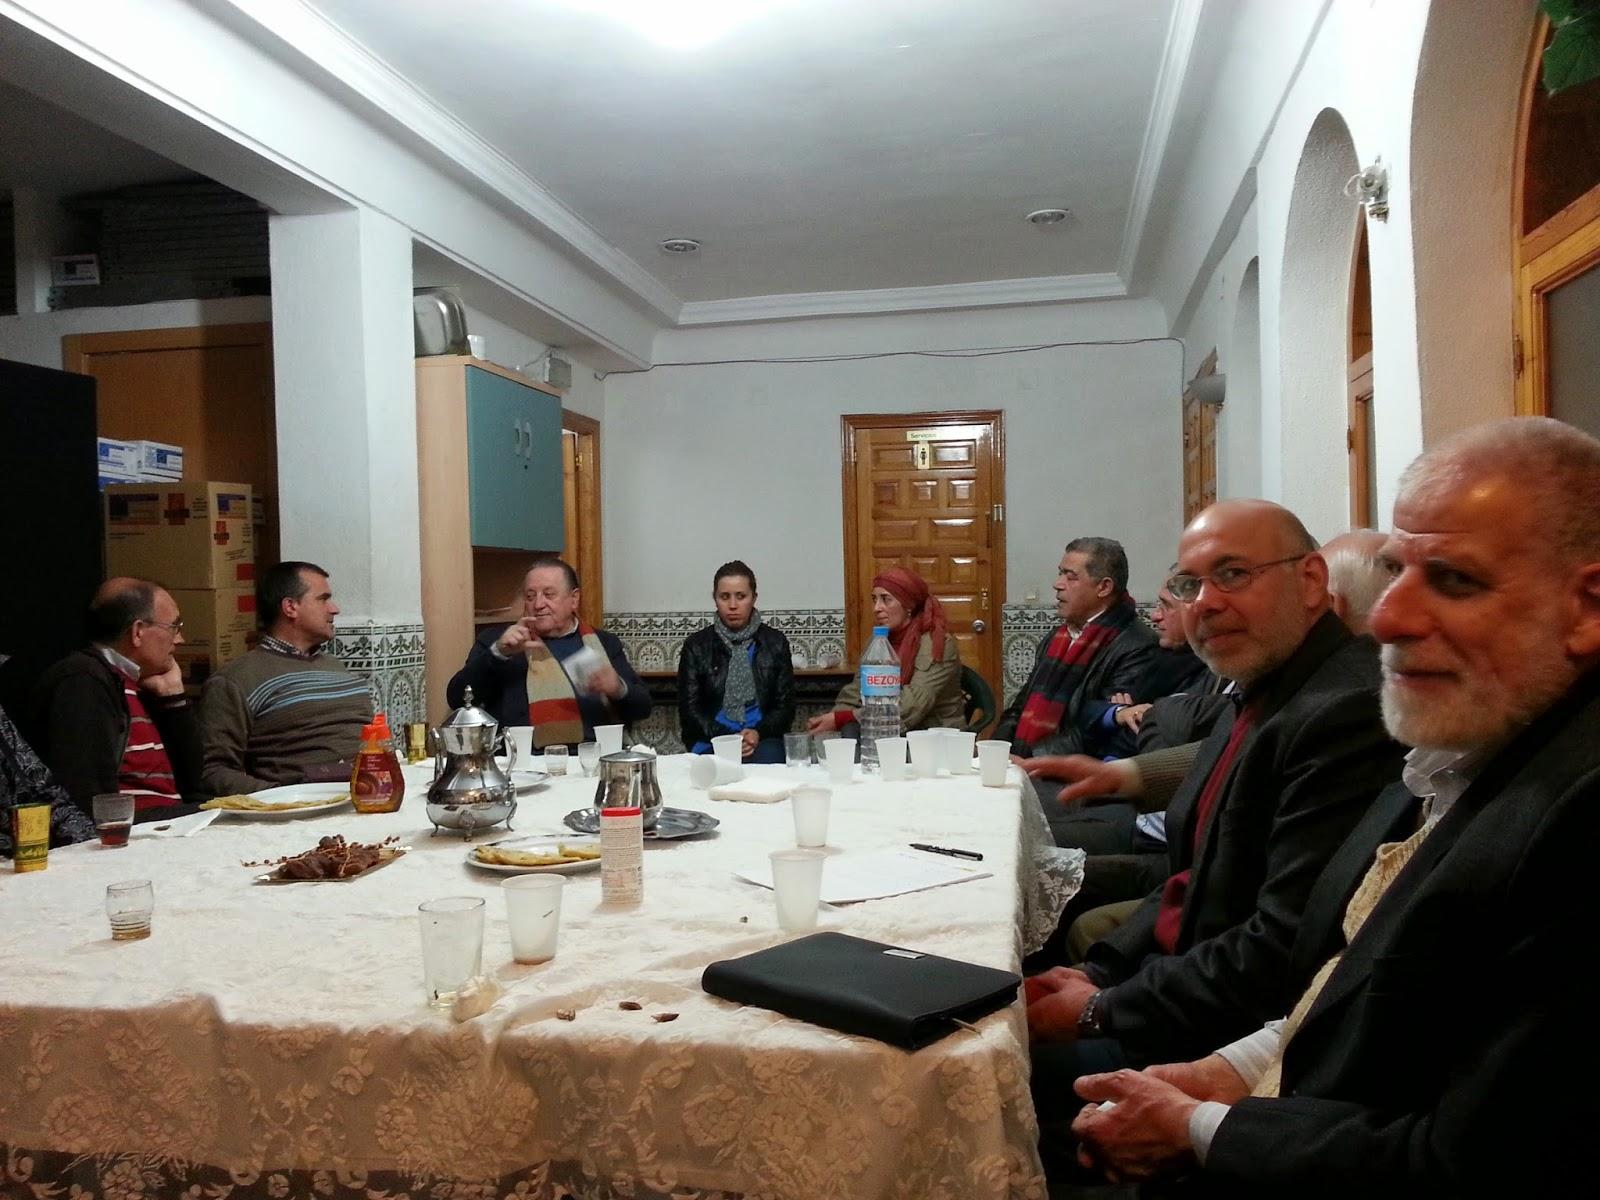 Valencia aboga por el pluralismo religioso